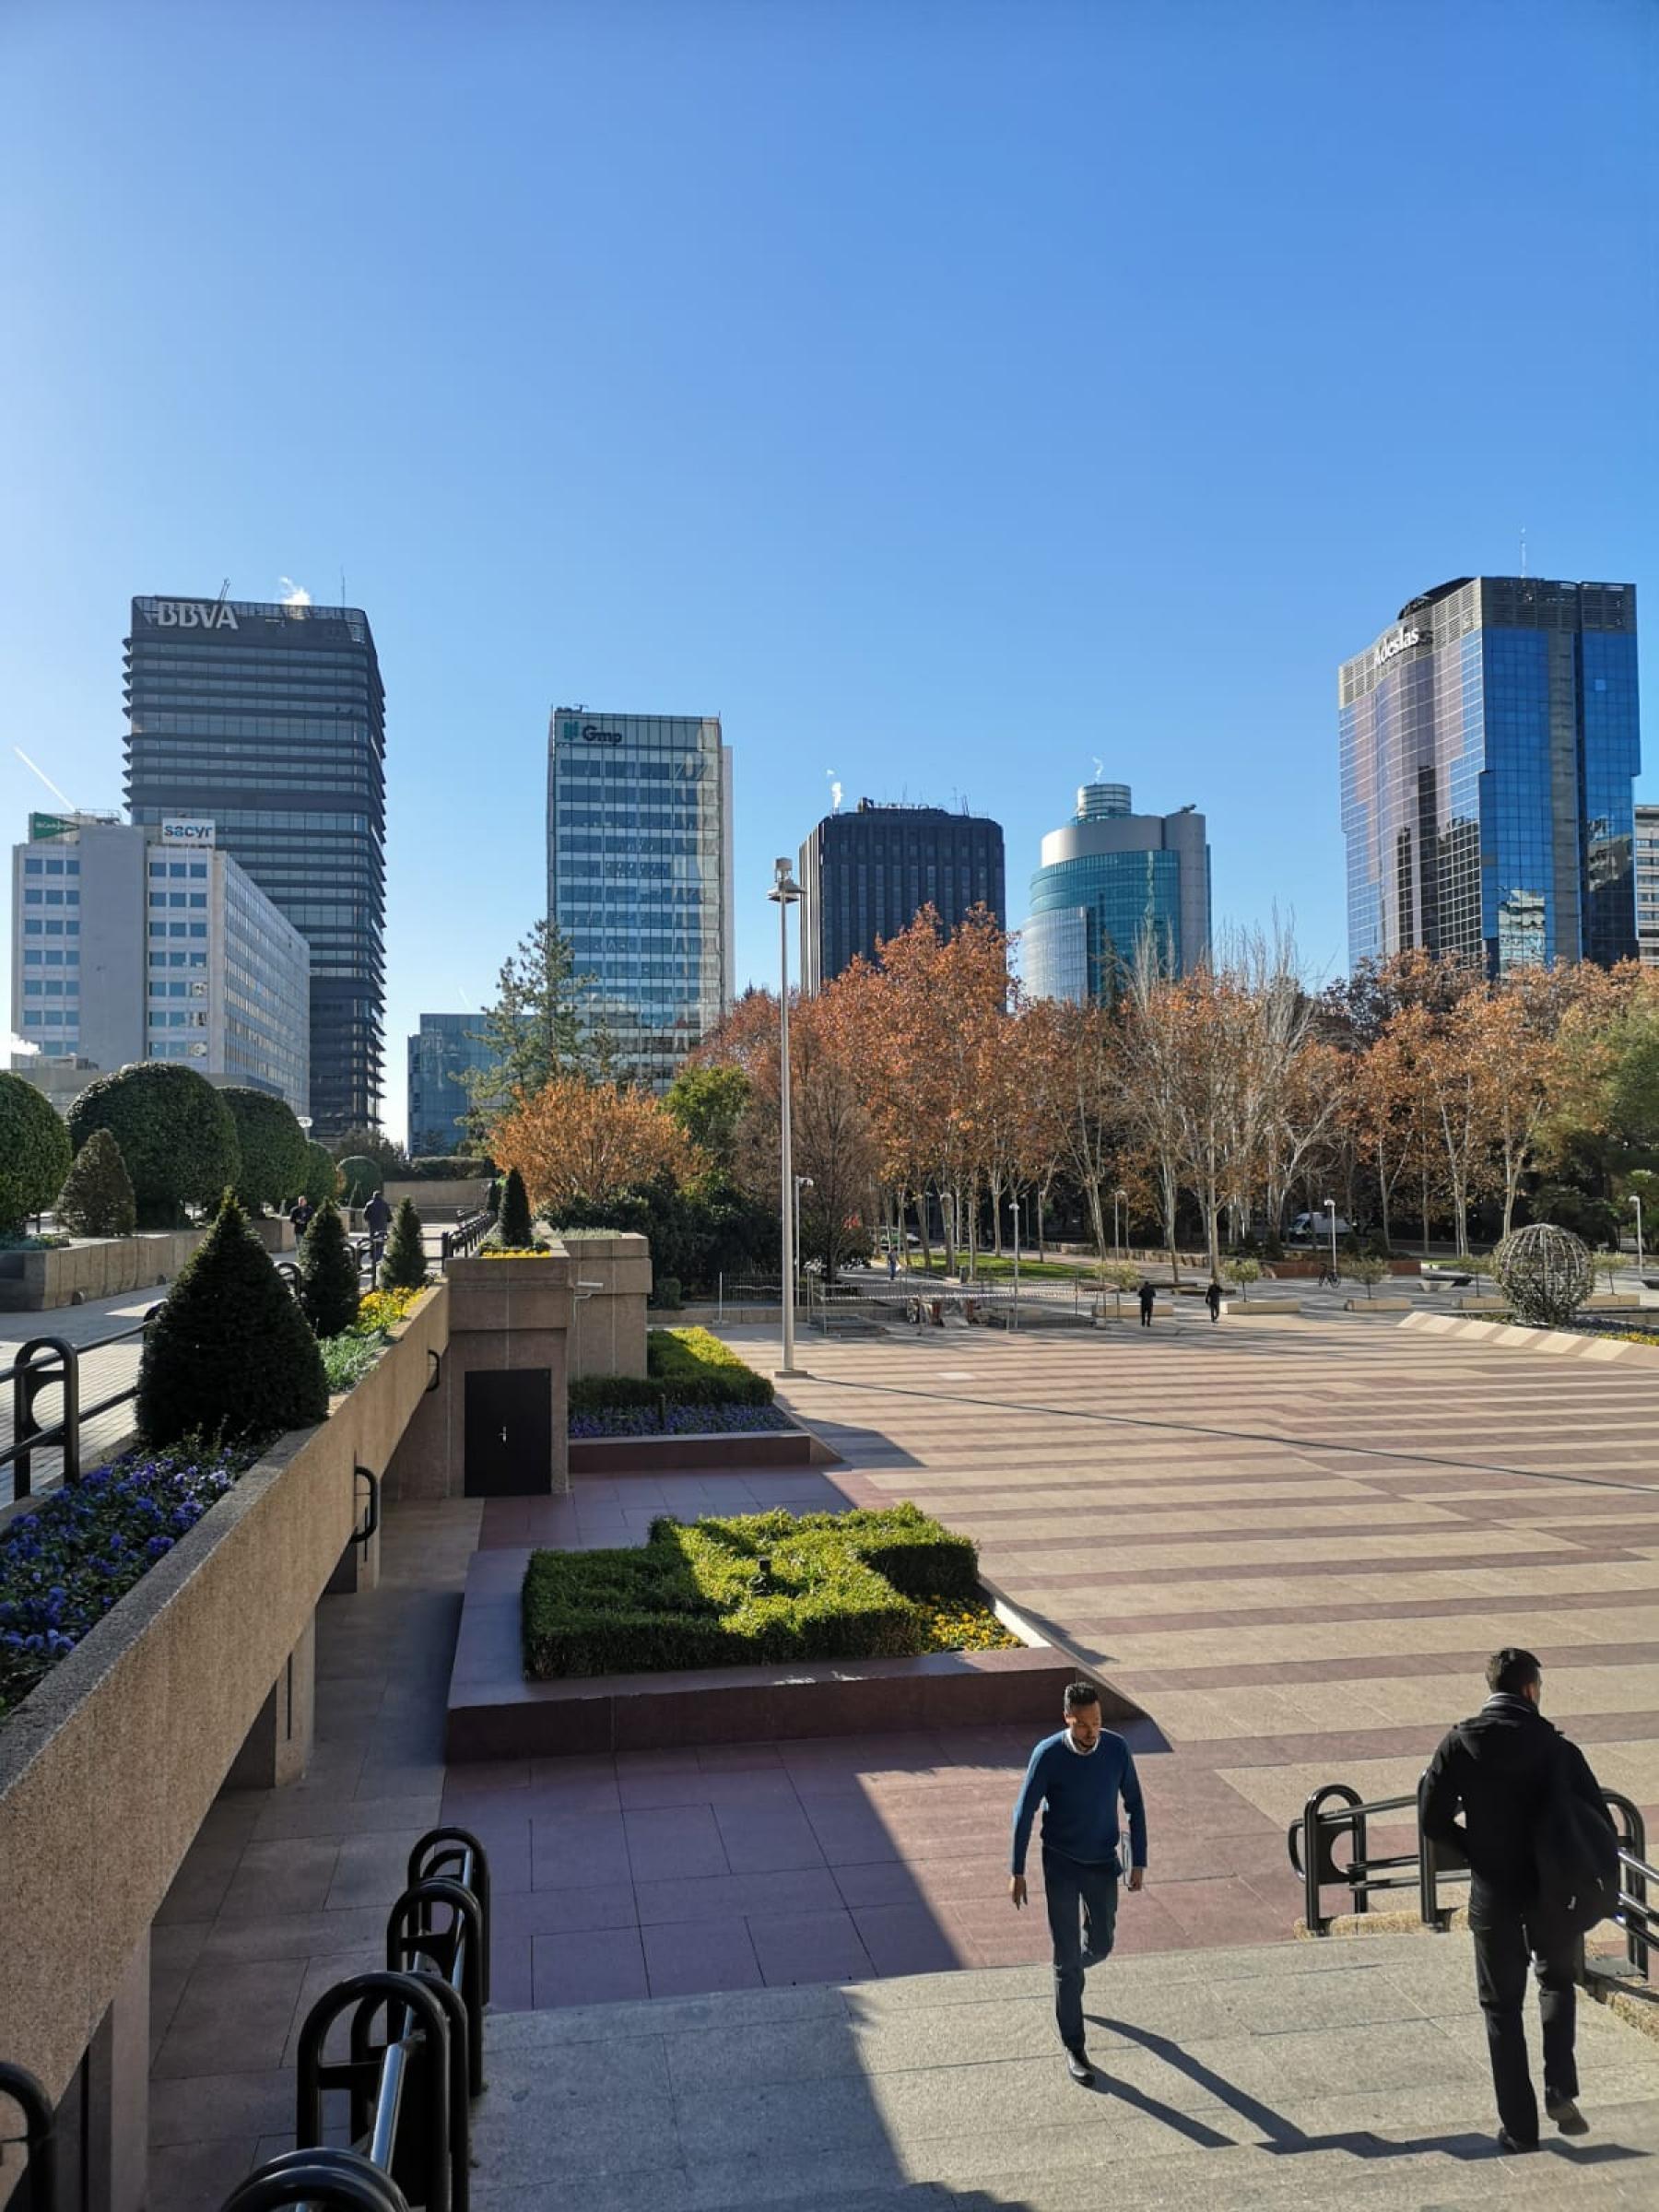 Plaza Pablo Ruiz Picasso Azca